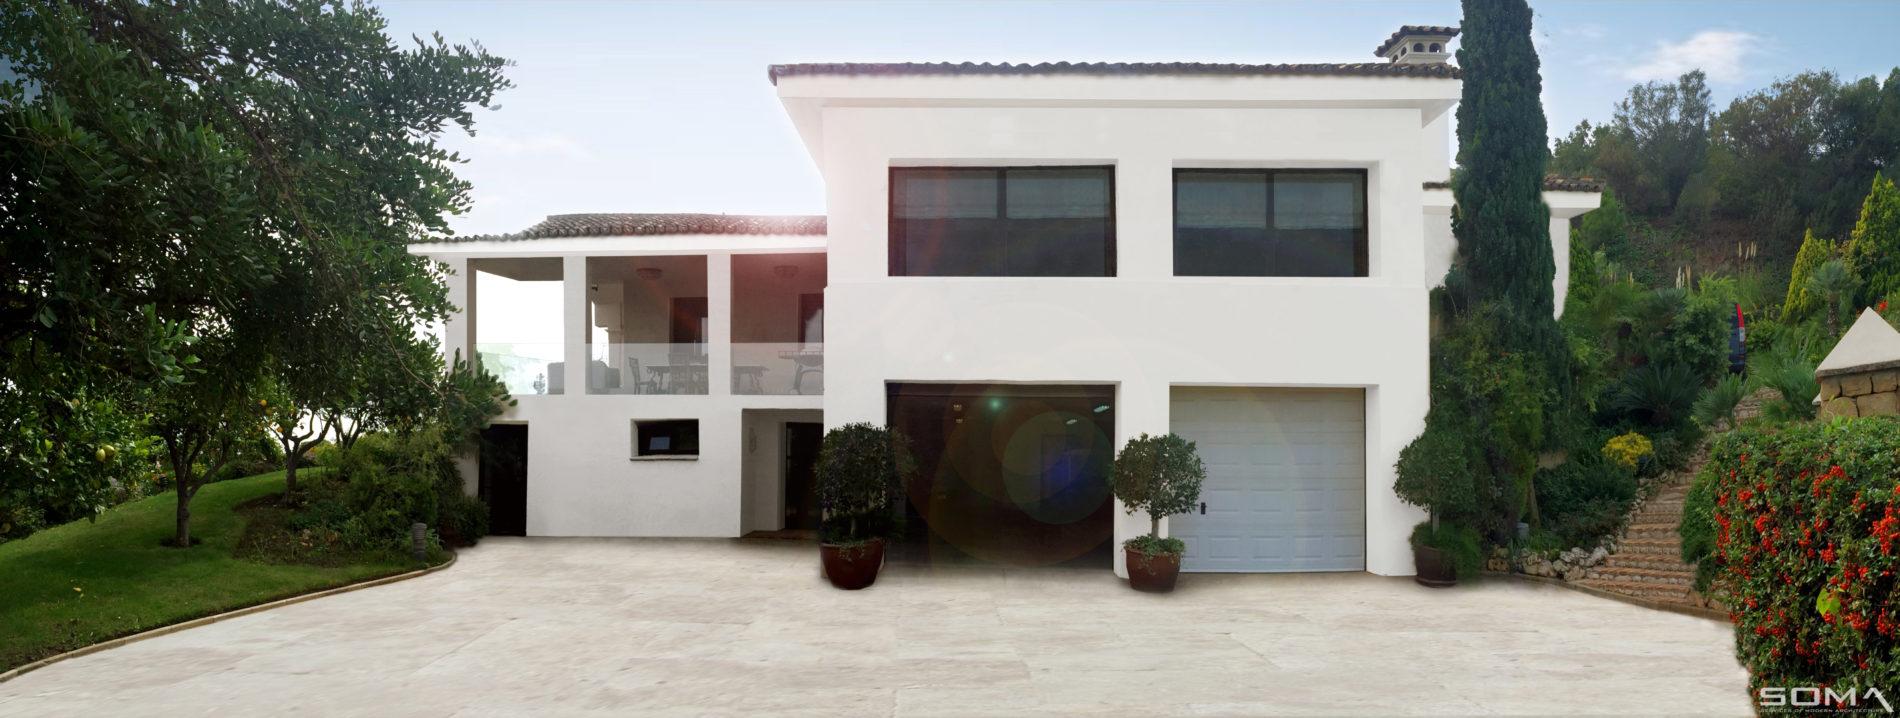 Modernización y ampliación de vivienda en La Zagaleta